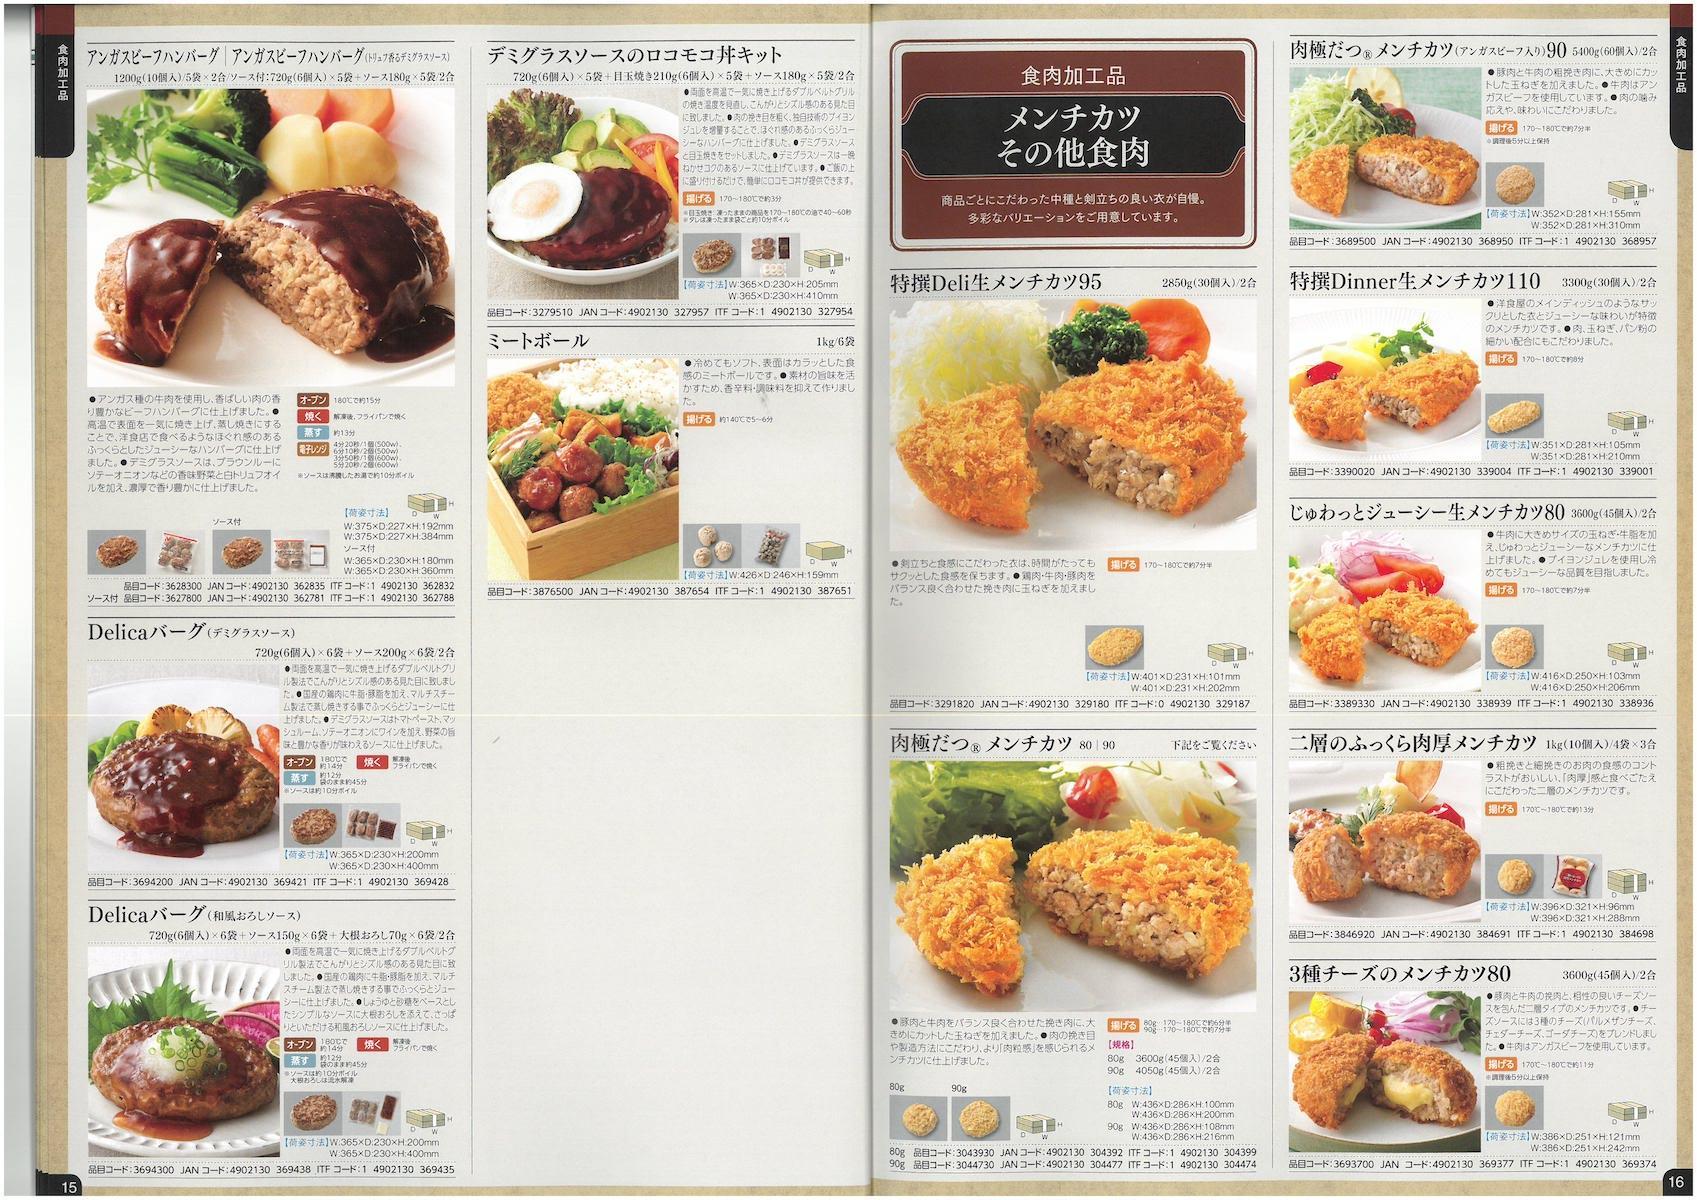 ニチレイフーズ総合商品カタログ2021 業務用 冷凍・常温商品 NICHIREI CATALOG2021